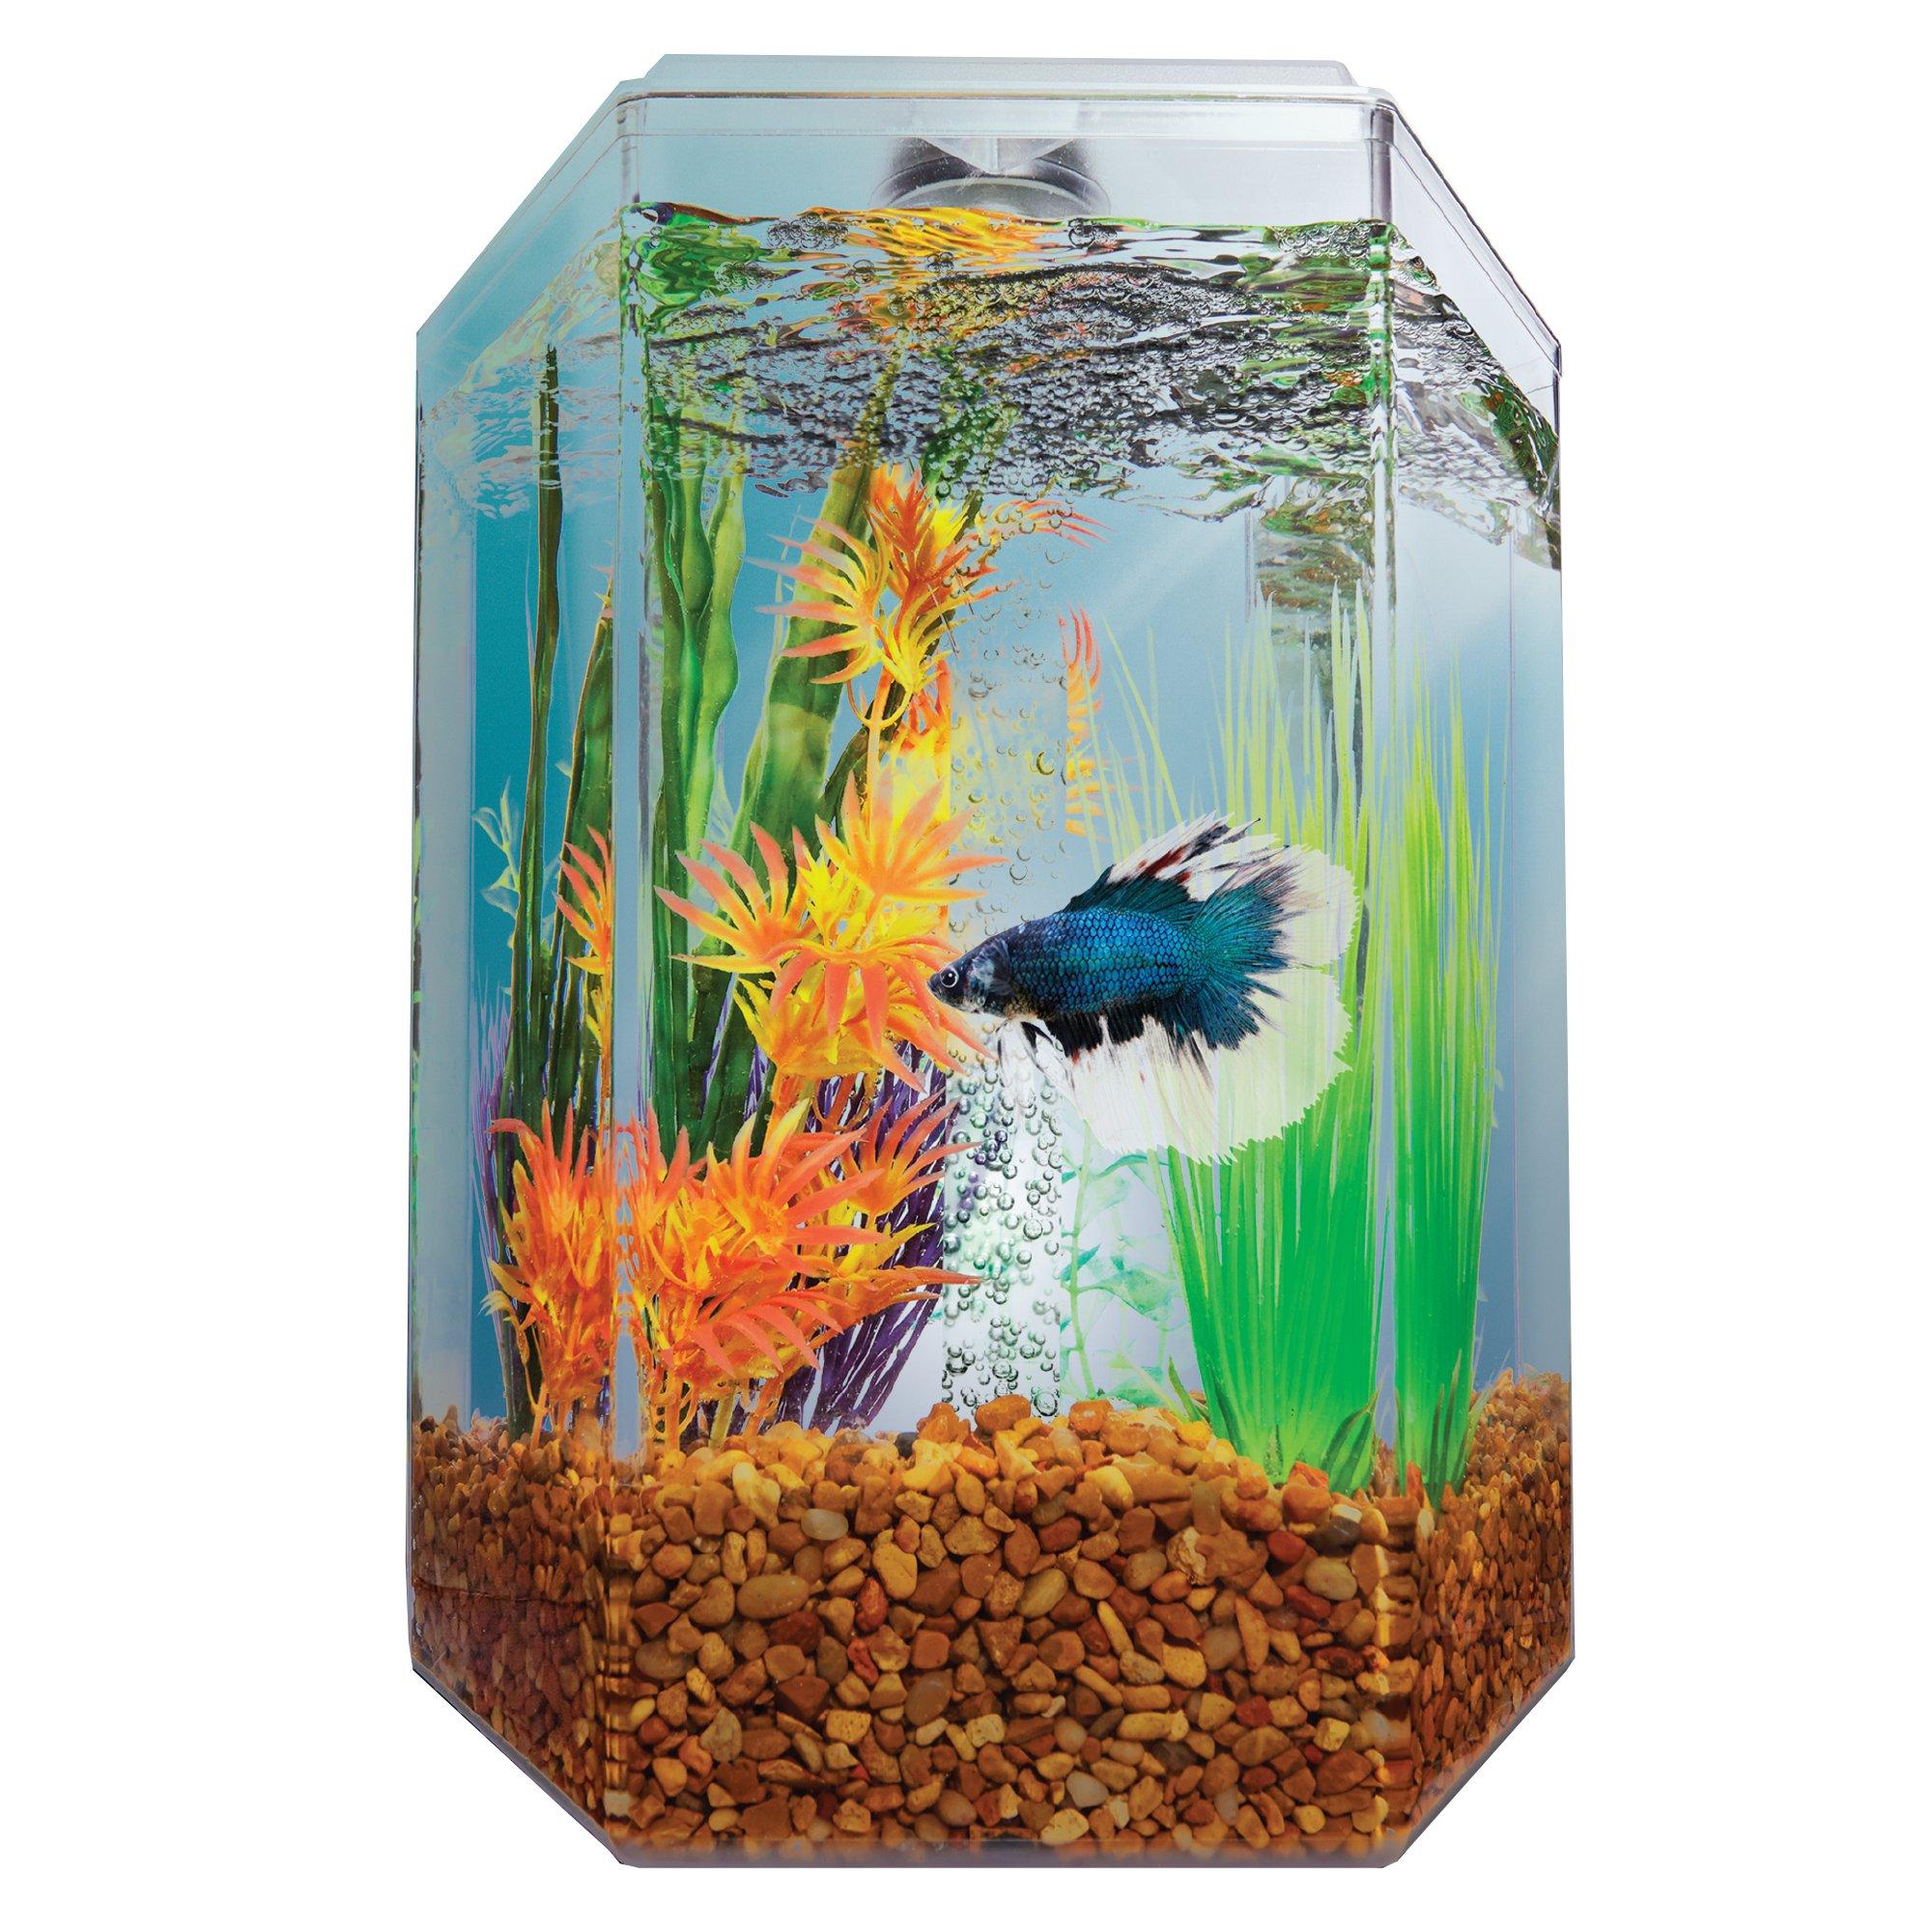 Imagitarium 1 7 Gallon Hexagonal Aquarium Petco In 2020 Aquariums For Sale Betta Petco